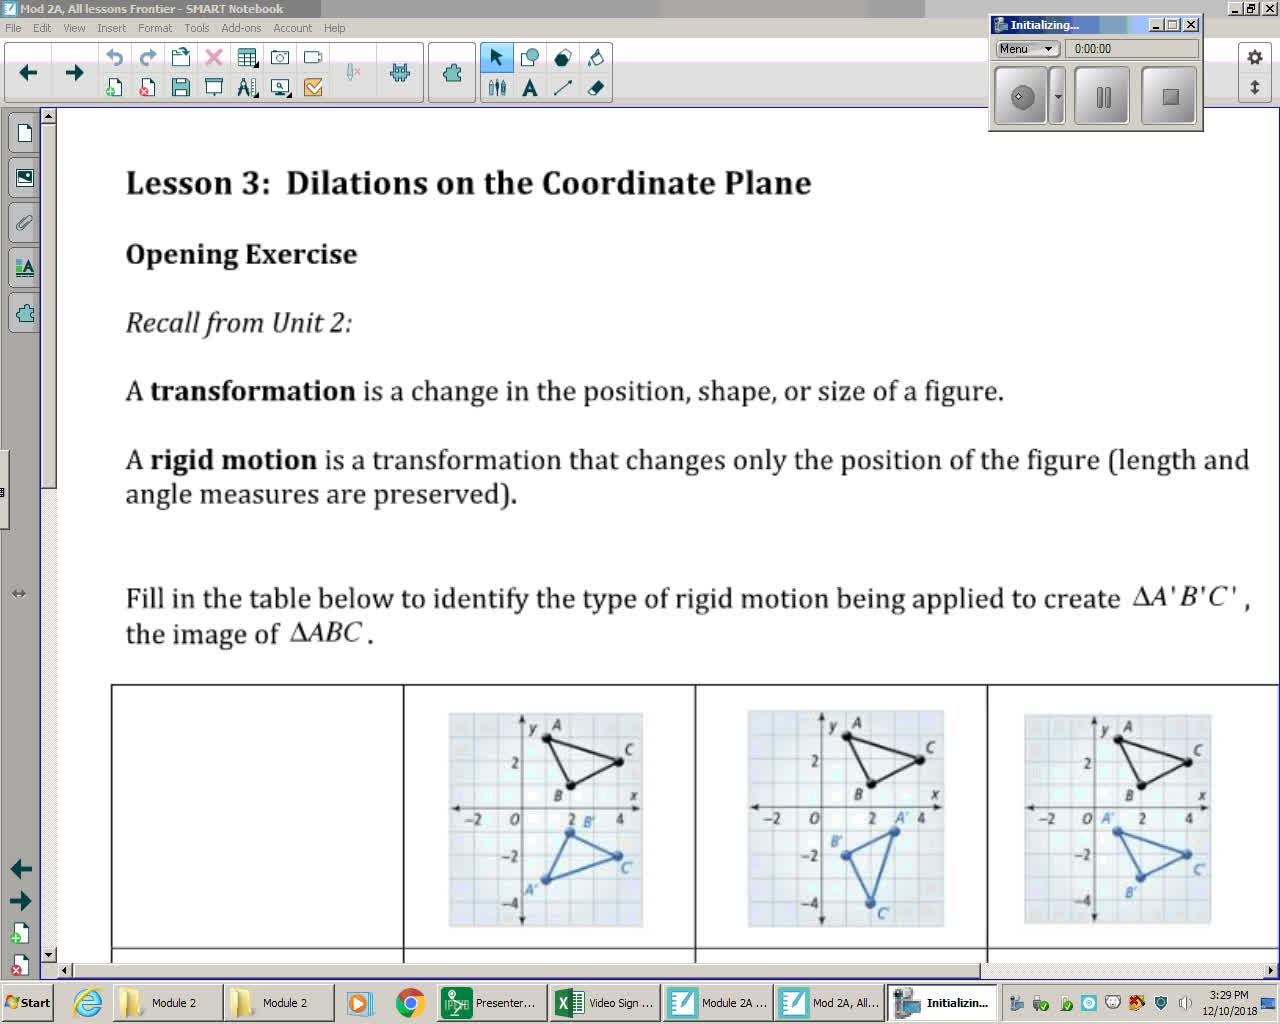 Module 2A Unit 4 Lesson 3